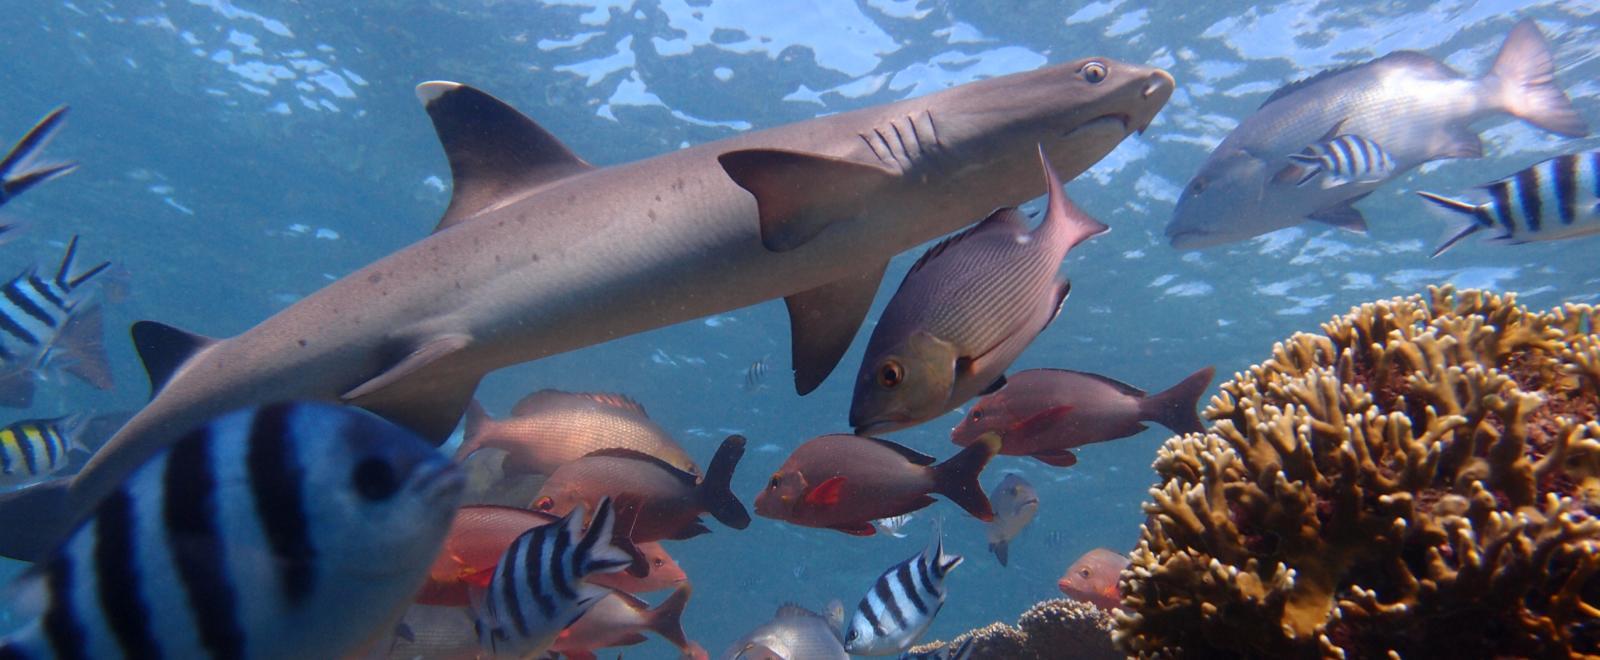 Tiburón observado por nuestros voluntarios de conservación en Fiyi.